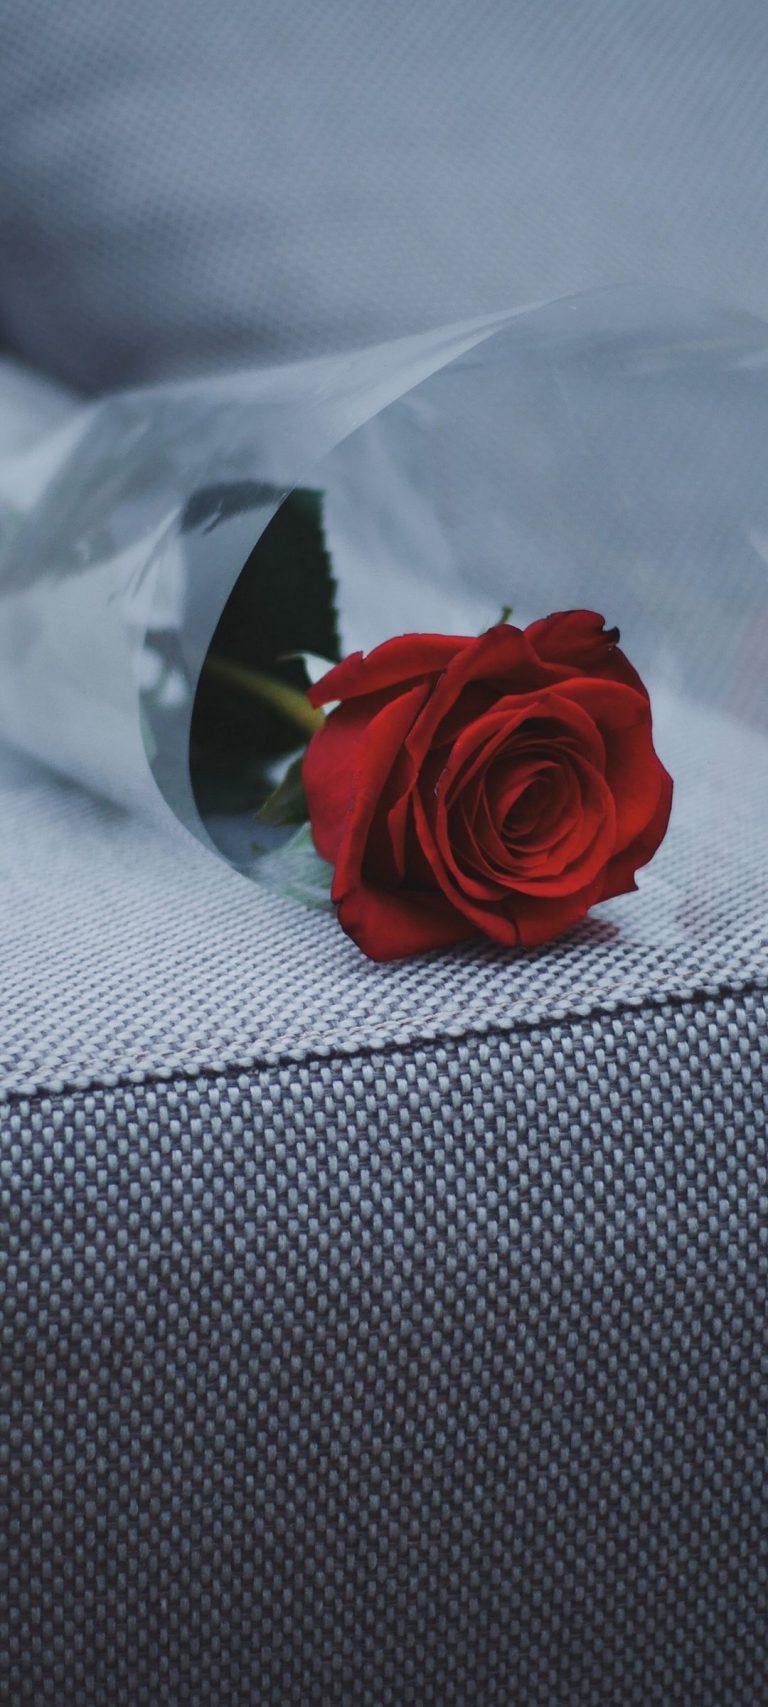 Rose Sofa Furniture 1080x2400 768x1707